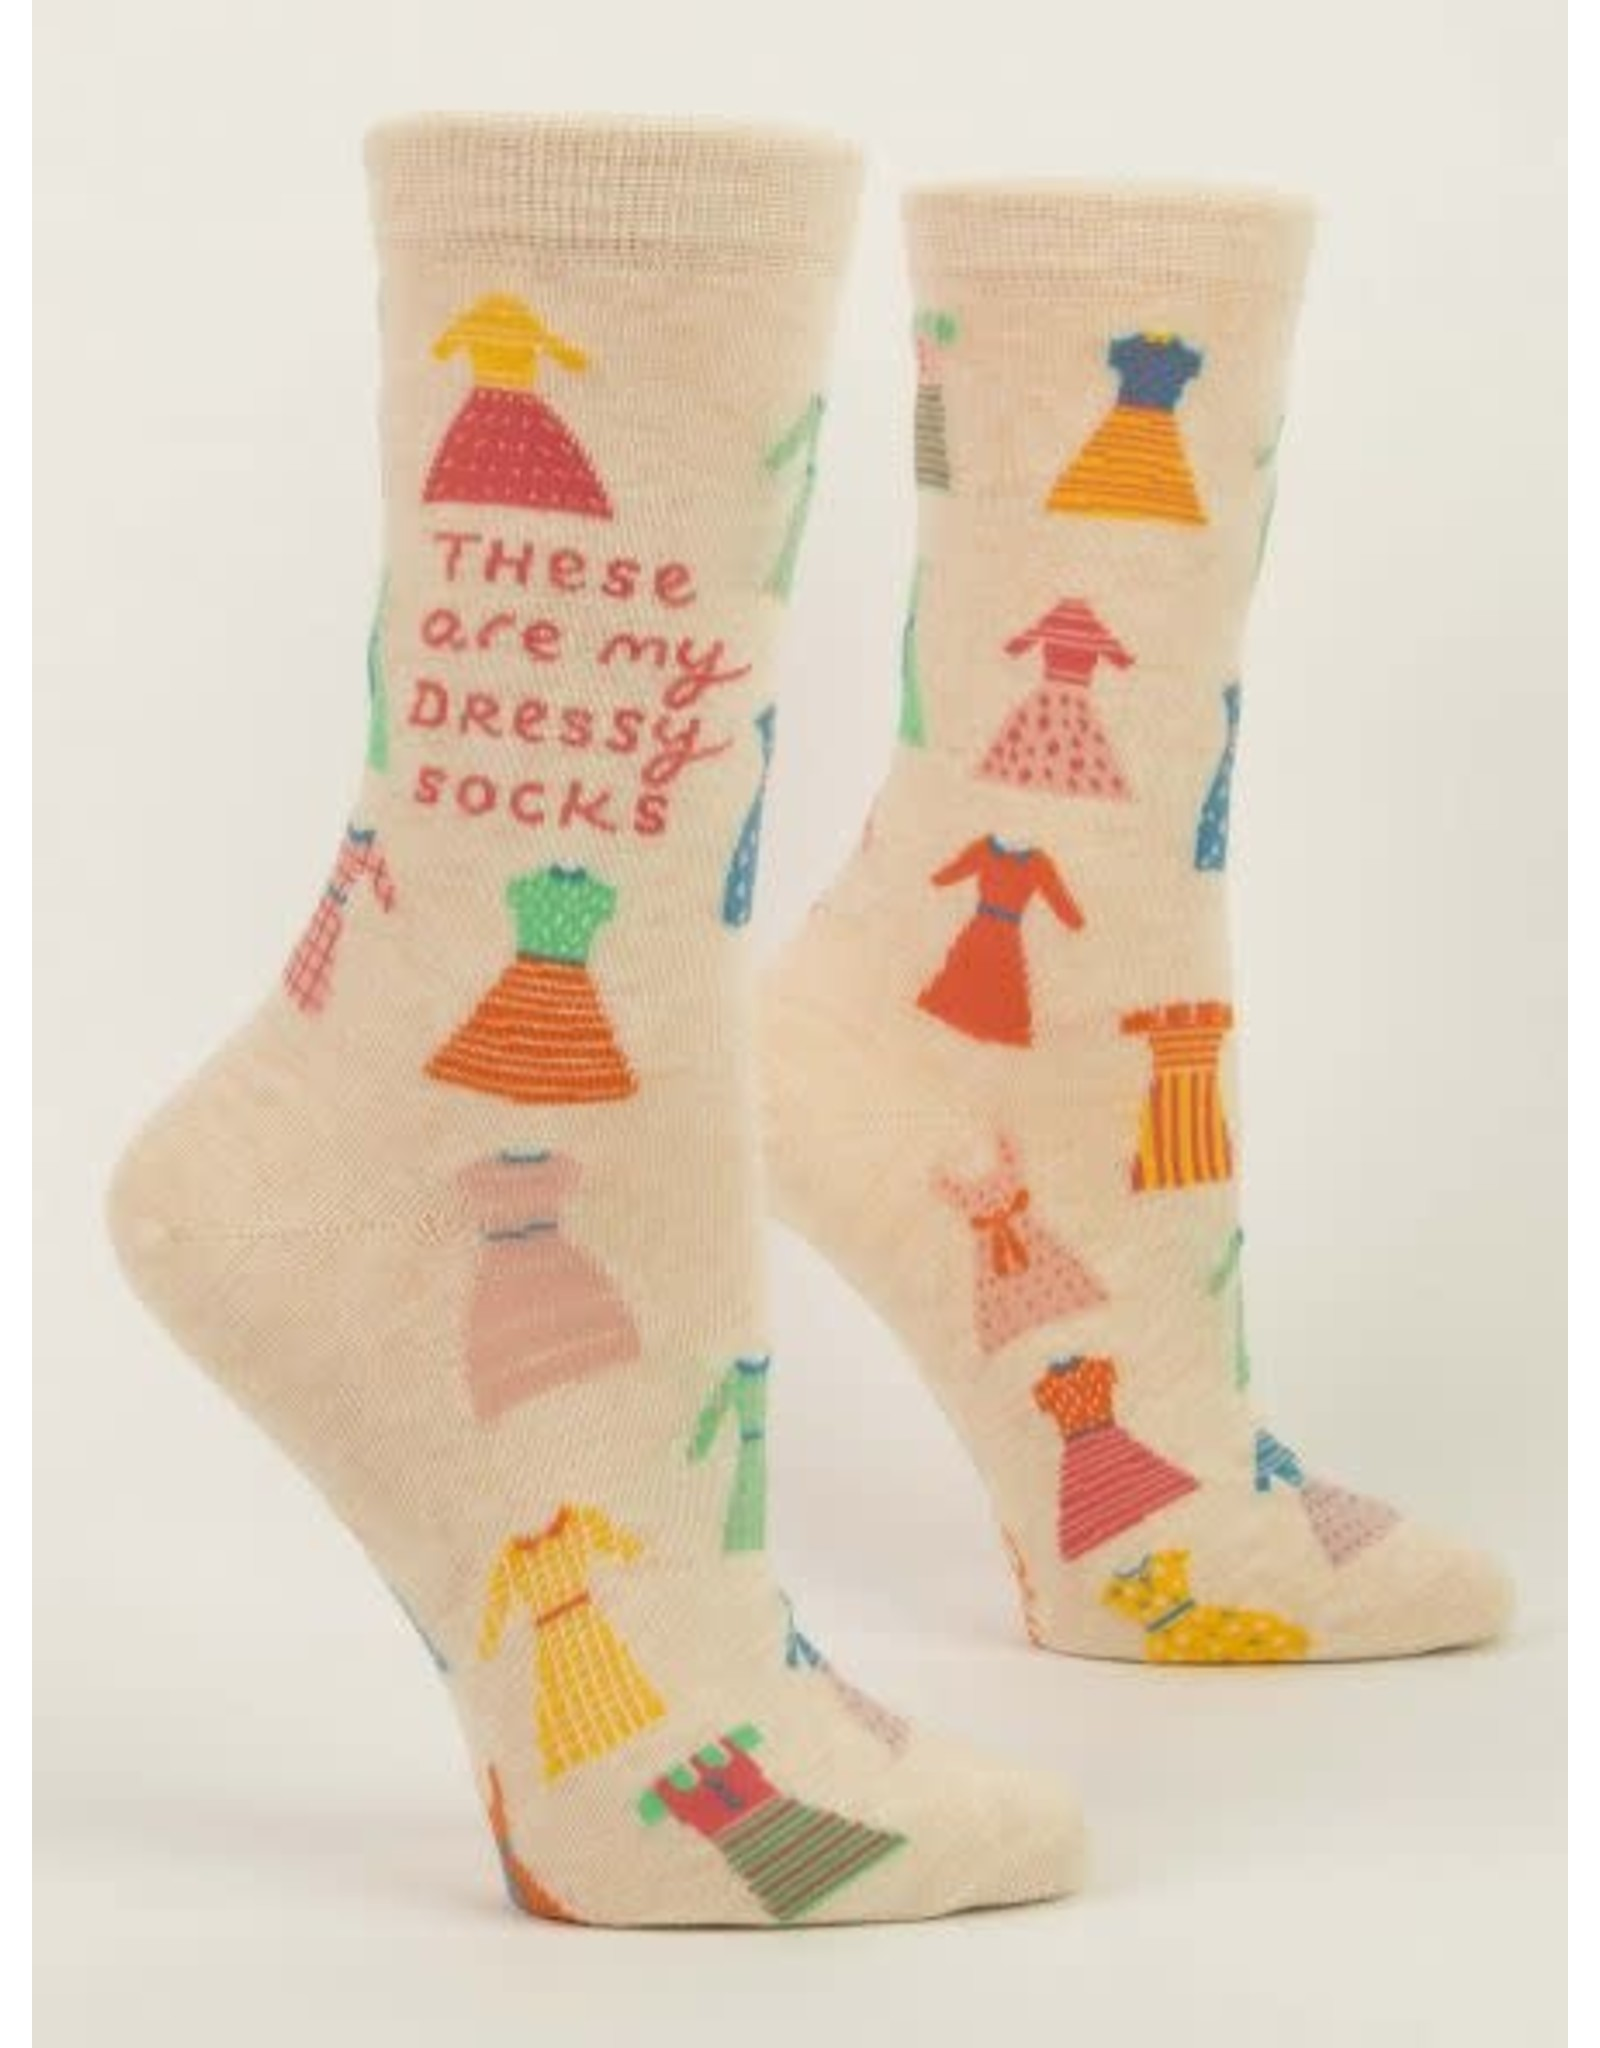 BQ Sassy Socks - My Dressy